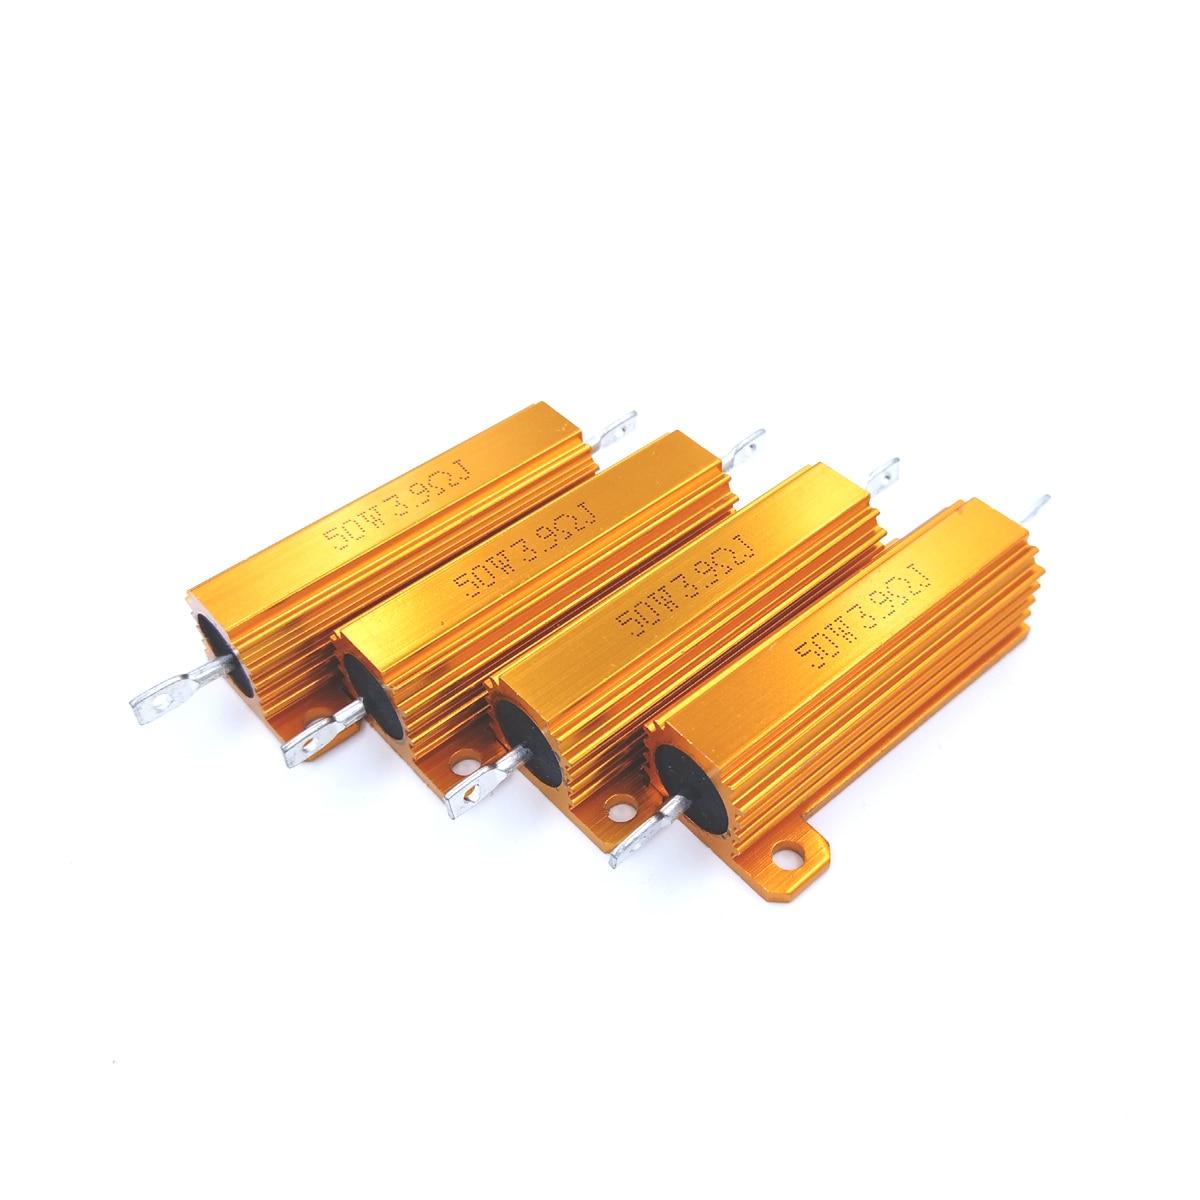 2 шт. 20R 20ohm 20 200R 200ohm 200 R Ohm 50W алюминиевый мощный металлический корпус чехол с проволочным резистором сопротивление RX24